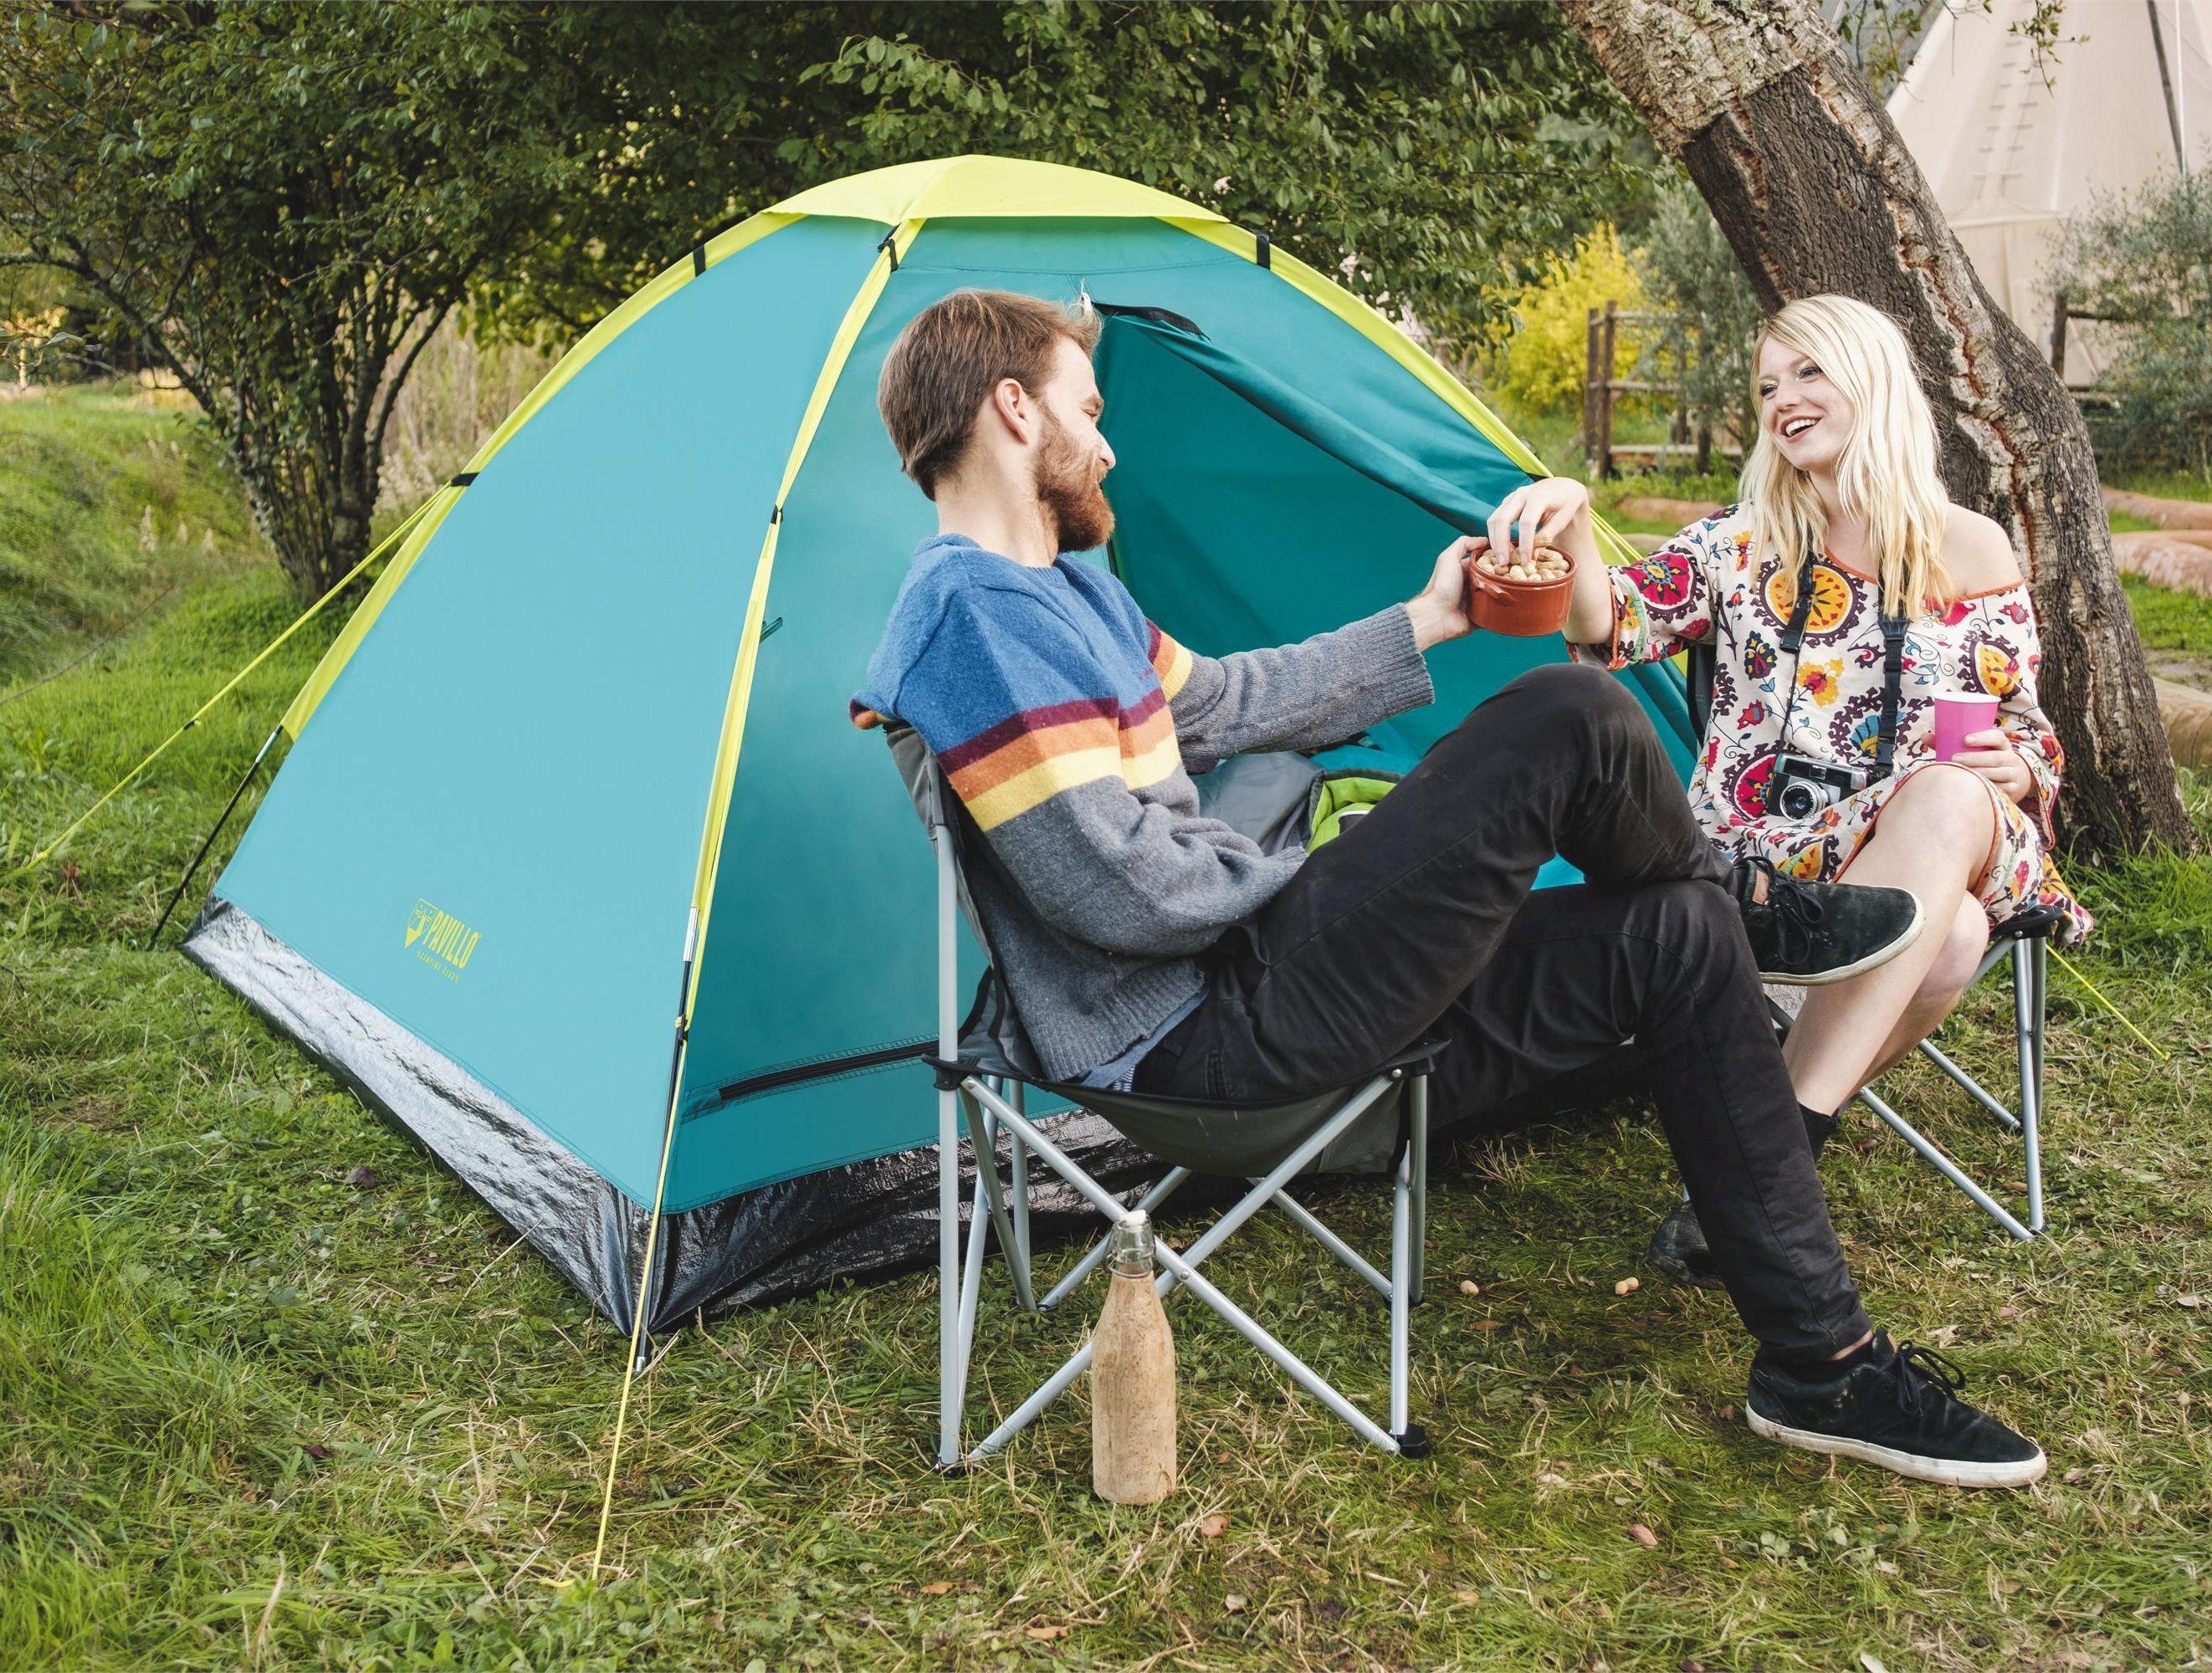 Pavillo™ Zelt Cool Dome 3 für 3 Personen 210 x 210 x 130